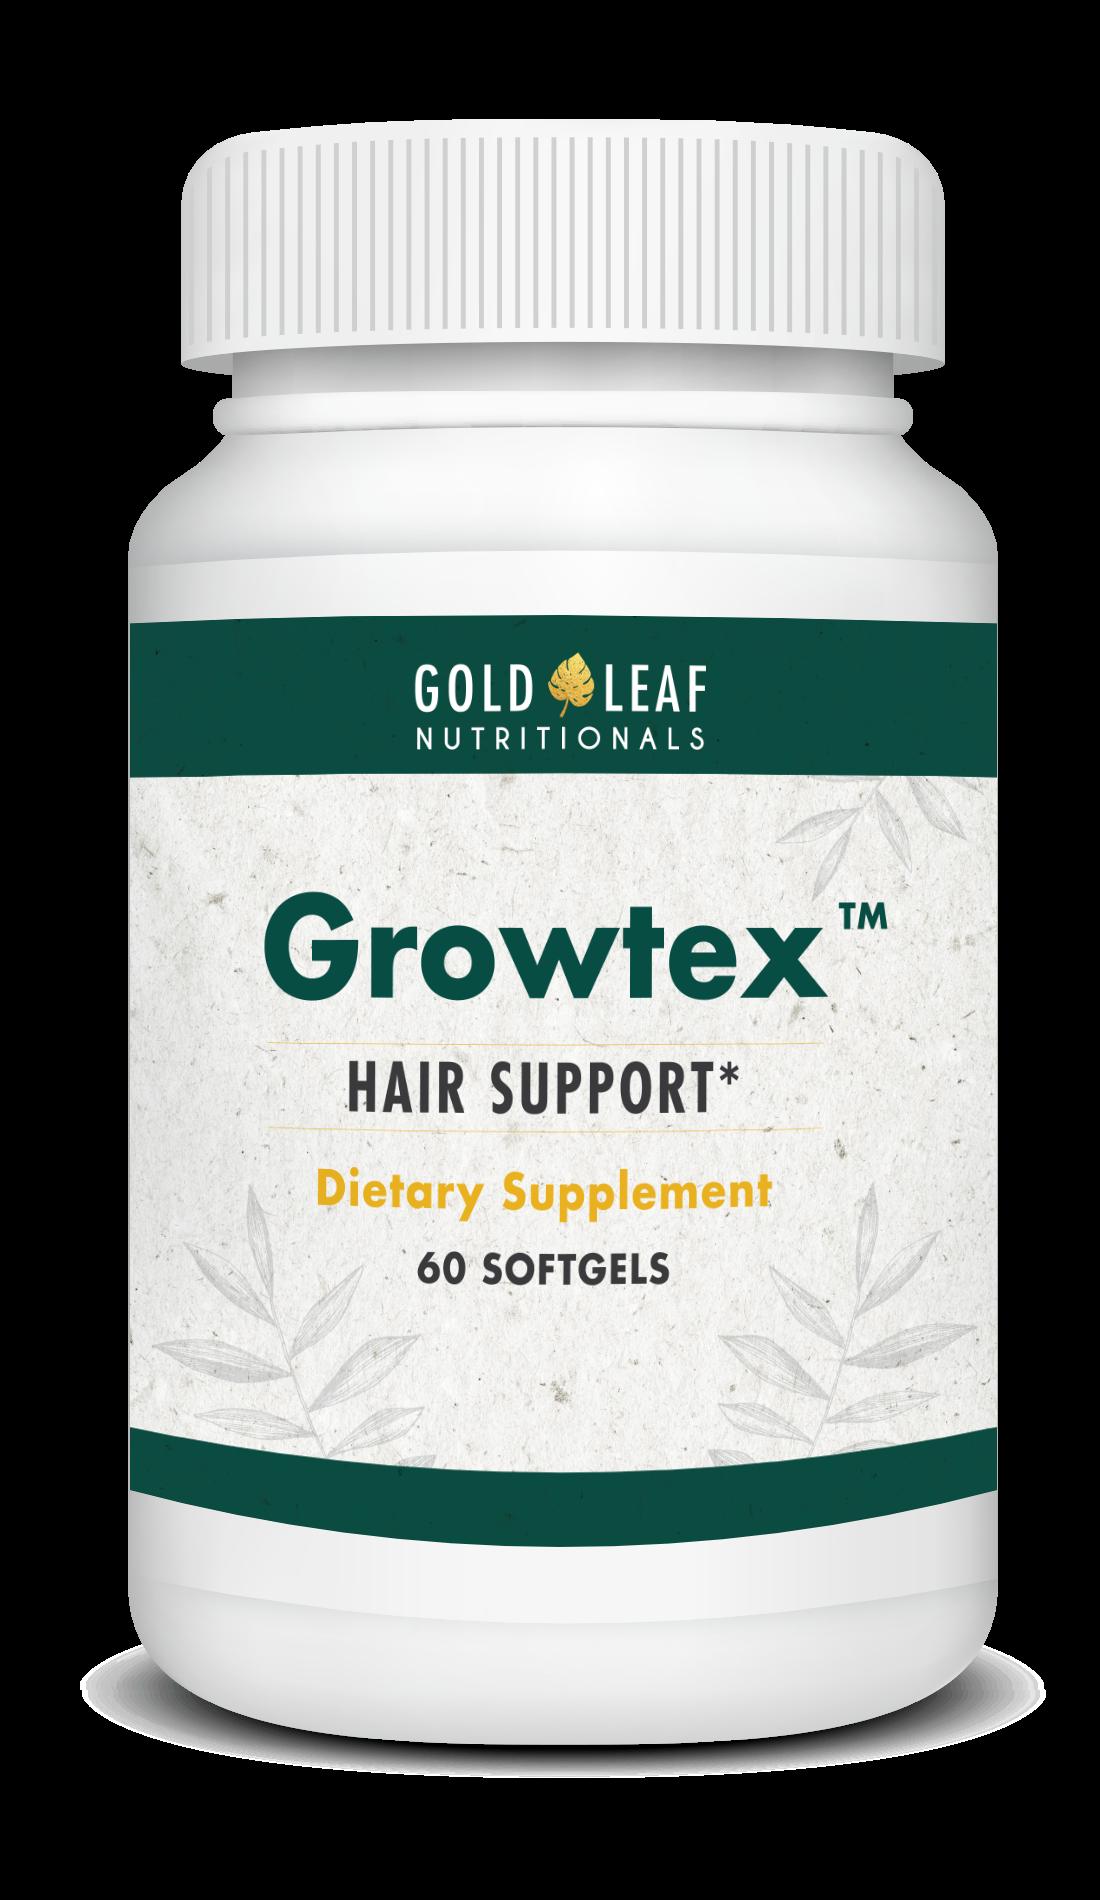 Bottle of Growtex